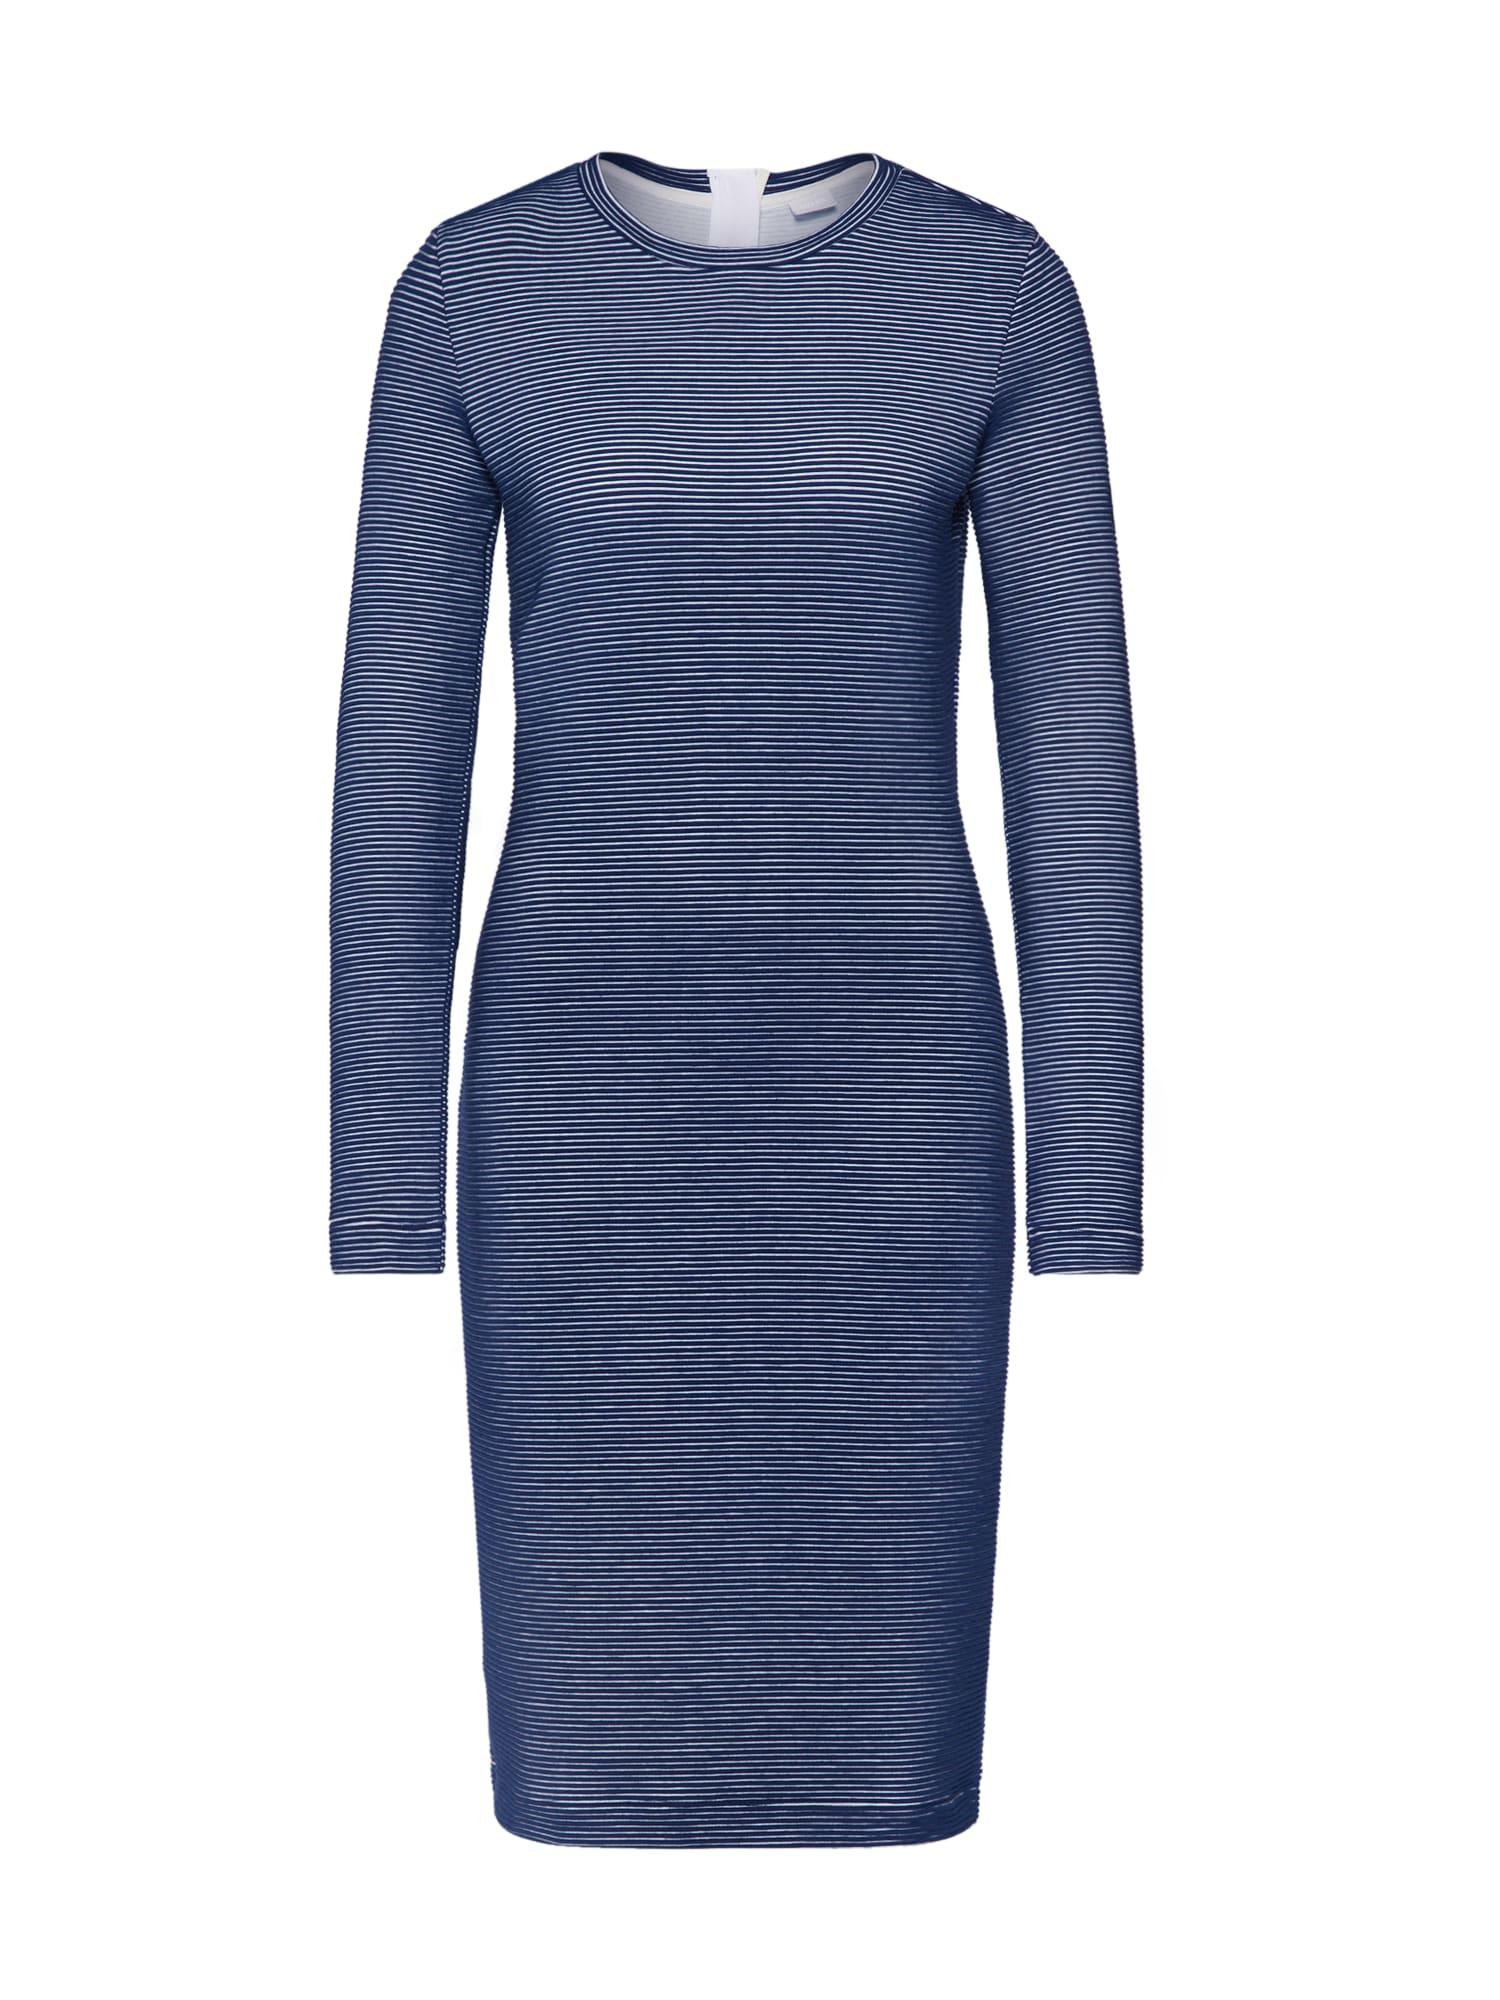 BOSS Suknelė 'Damalin' mėlyna